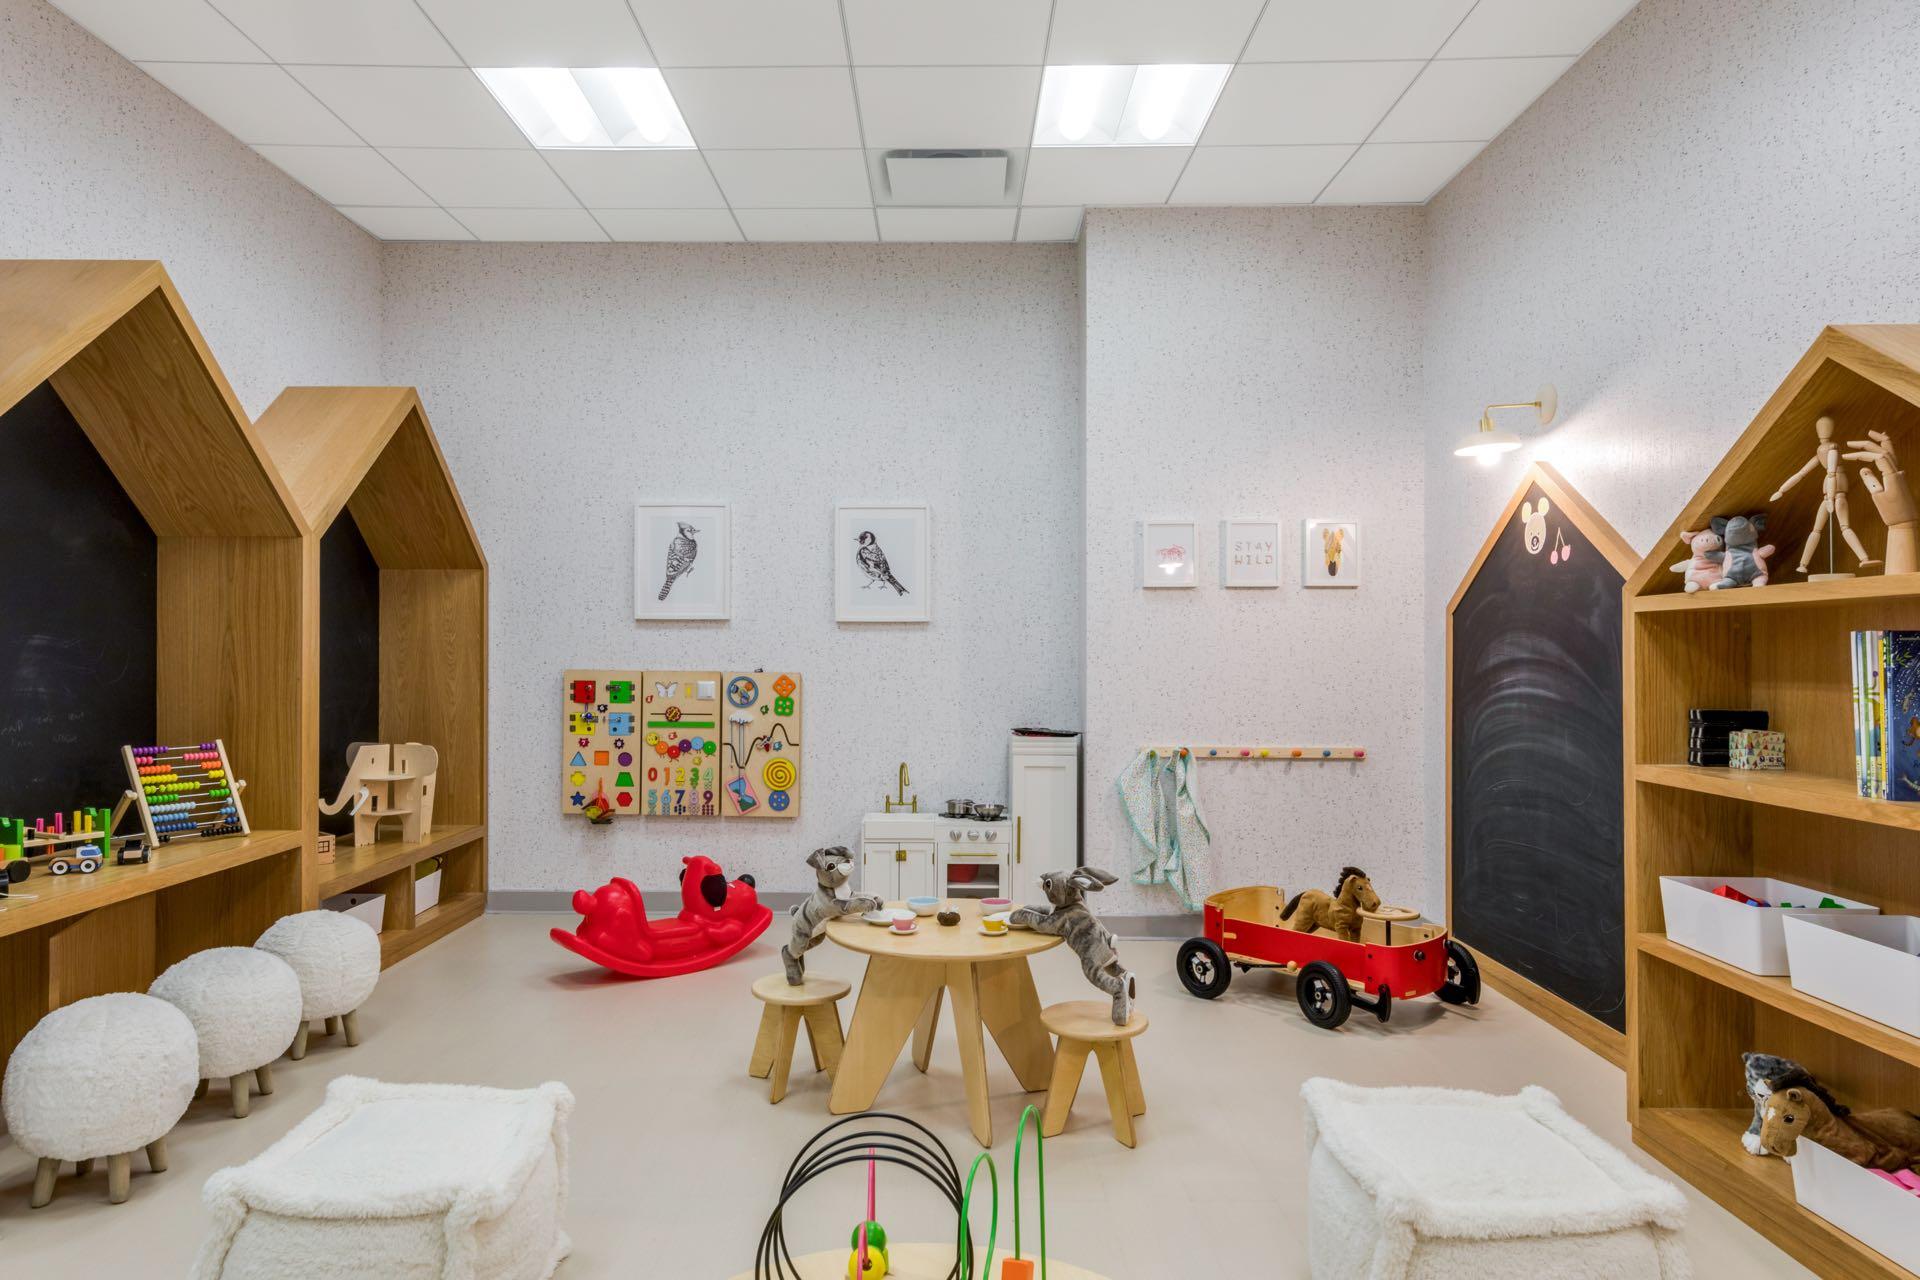 Building Gallery